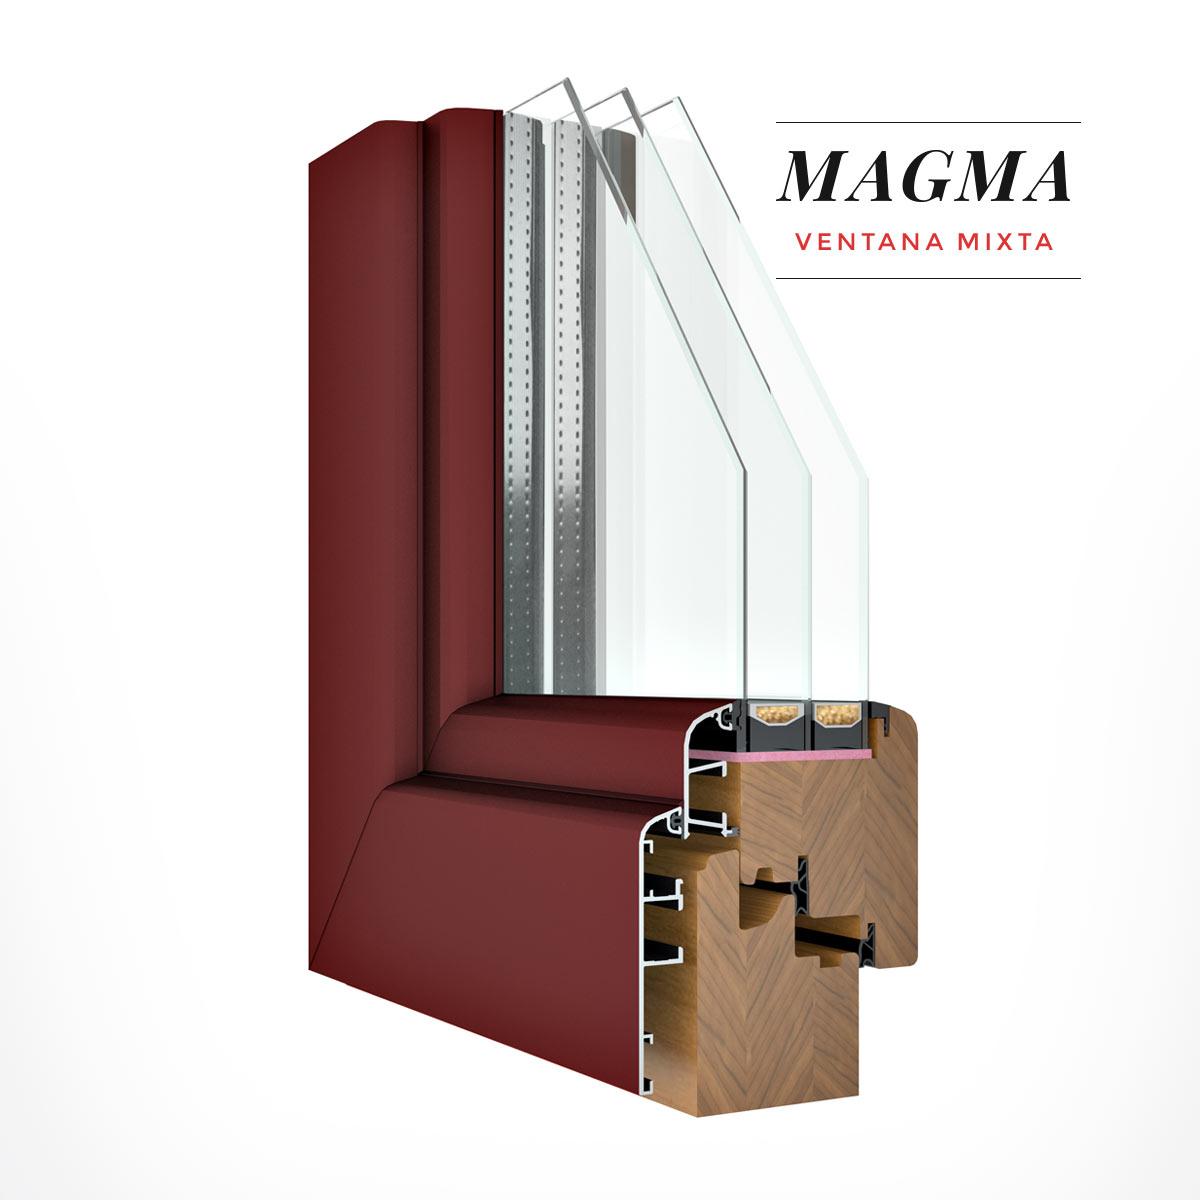 Carreté Finestres - ventana de madera y aluminio de color granate - Ventanas mixtas Magma